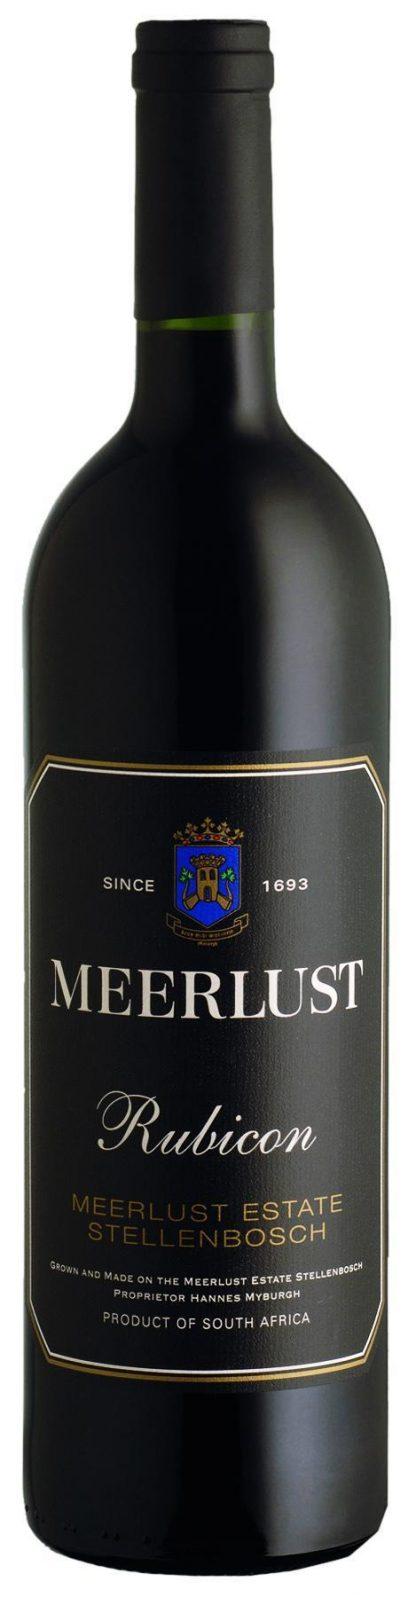 Meerlust - Rubicon 2014 75cl Bottle